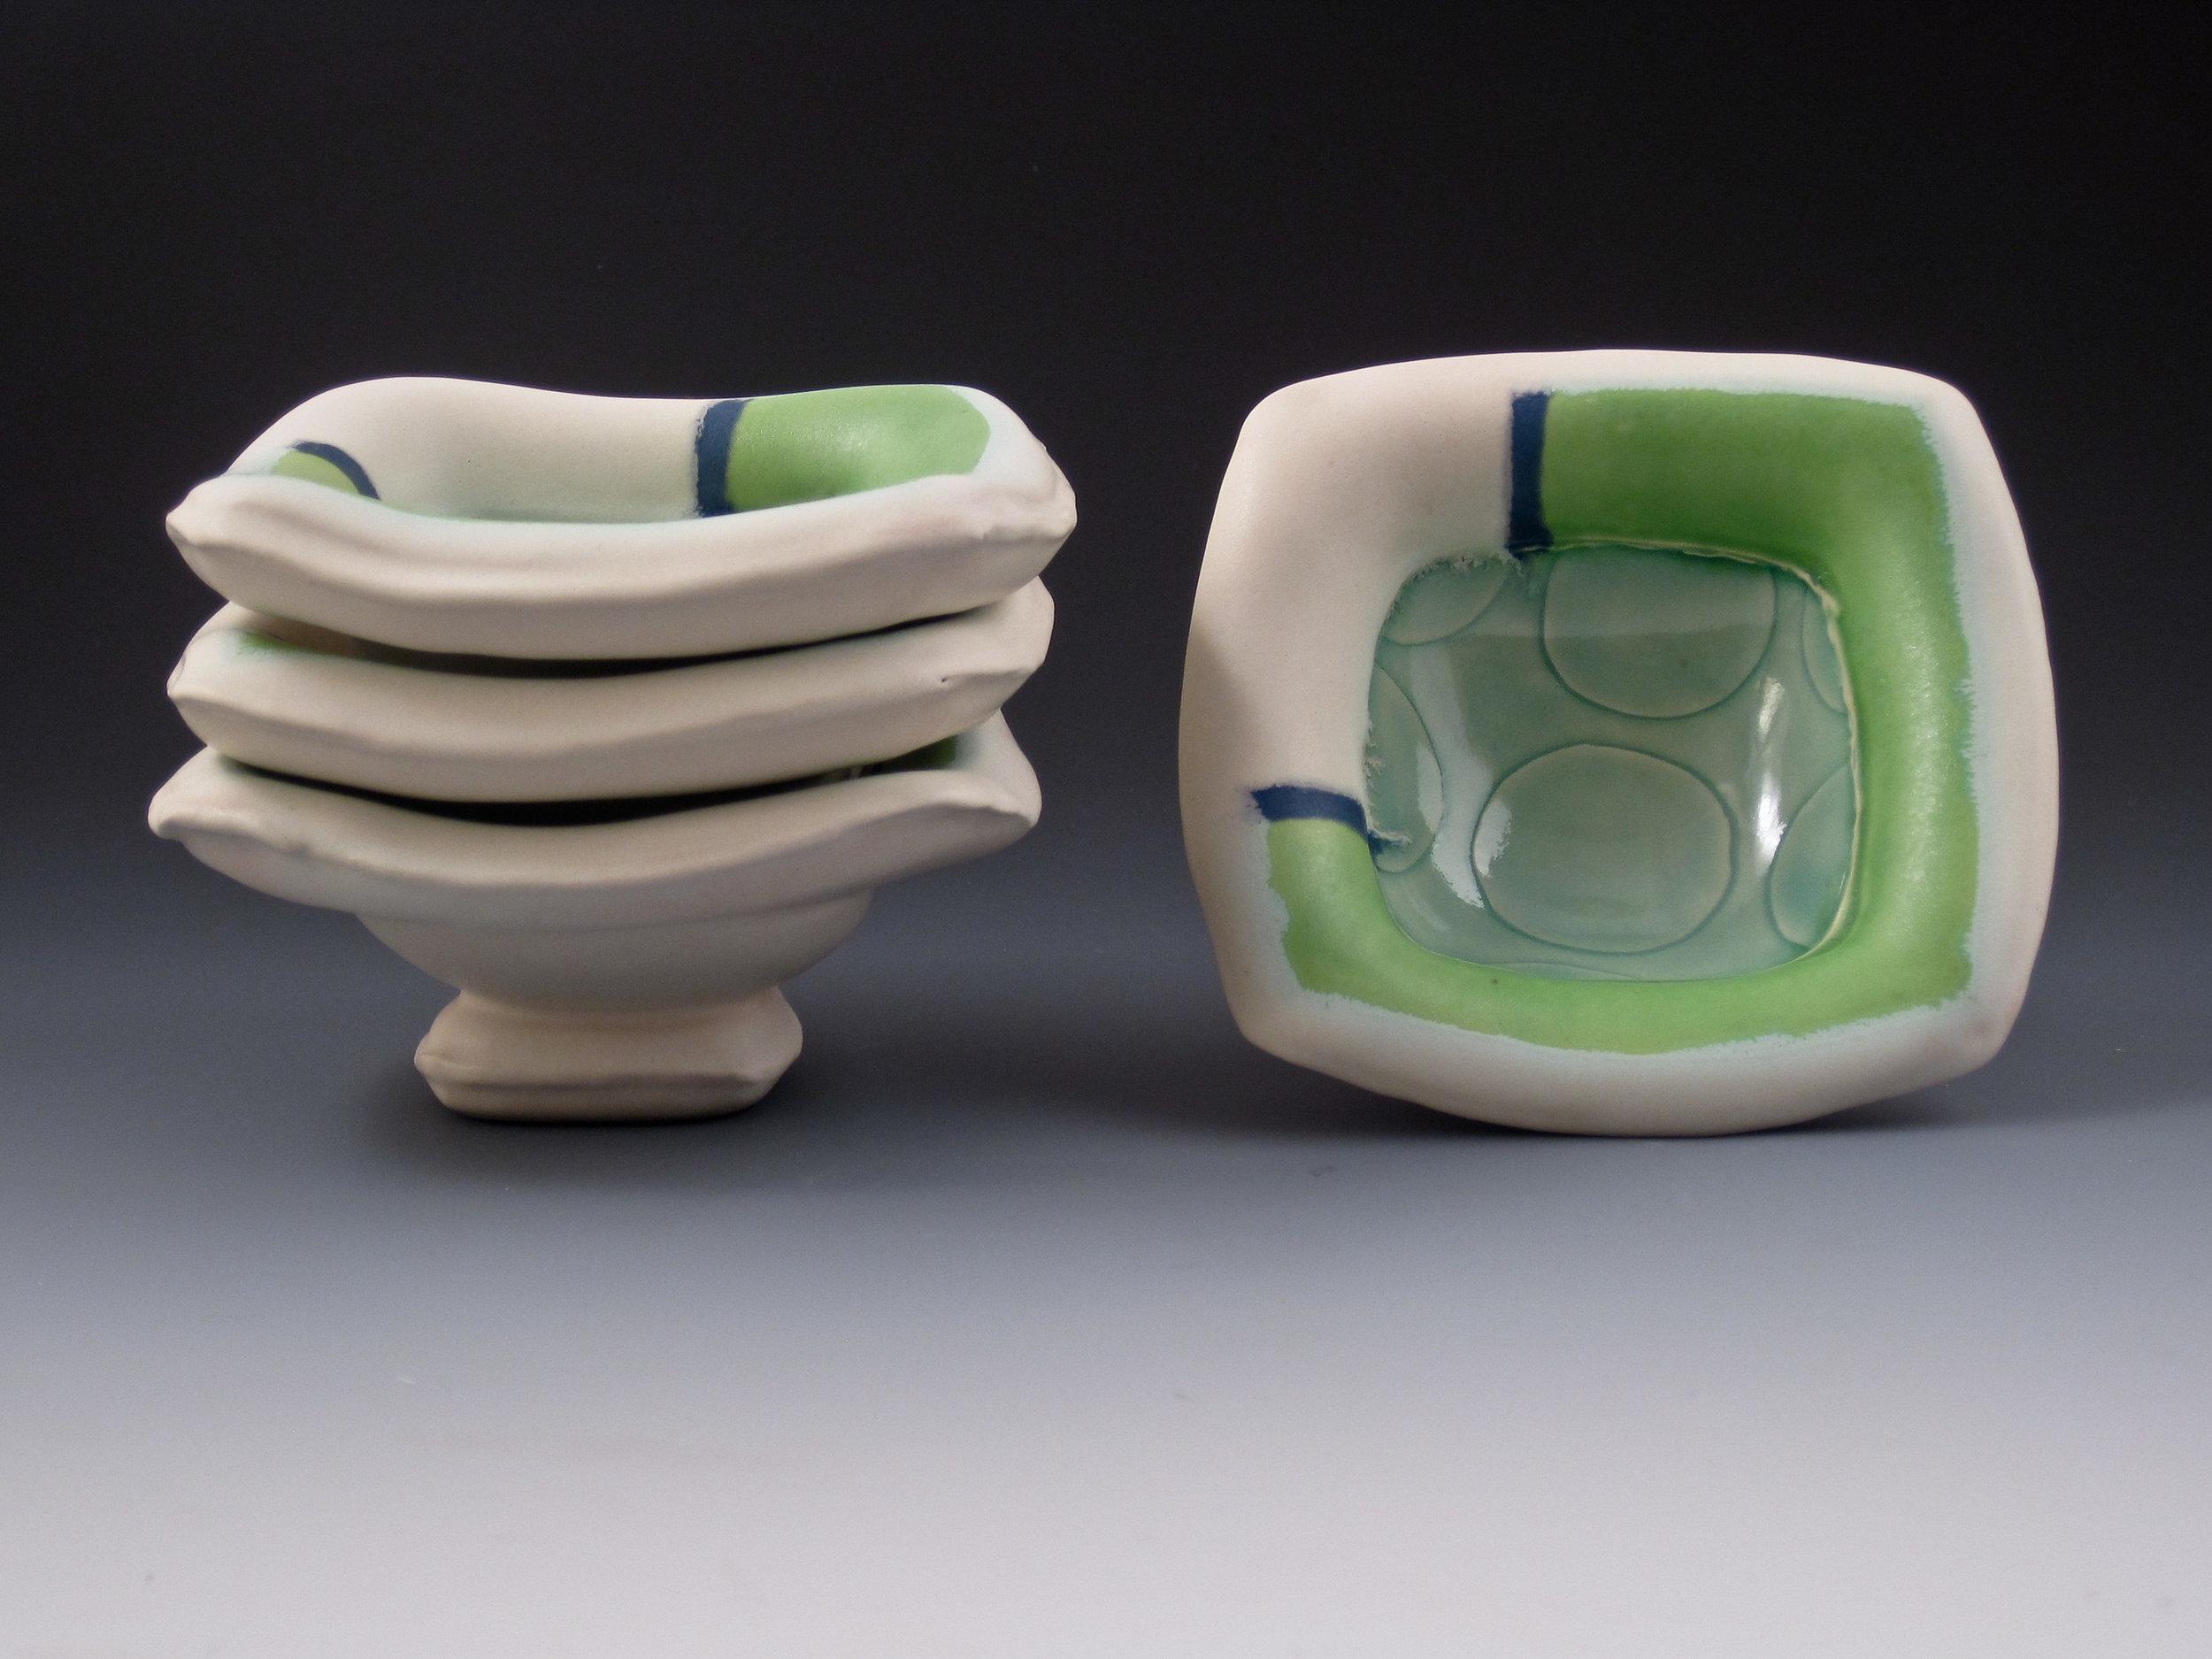 9.Pickett_Dessert Bowls.jpg